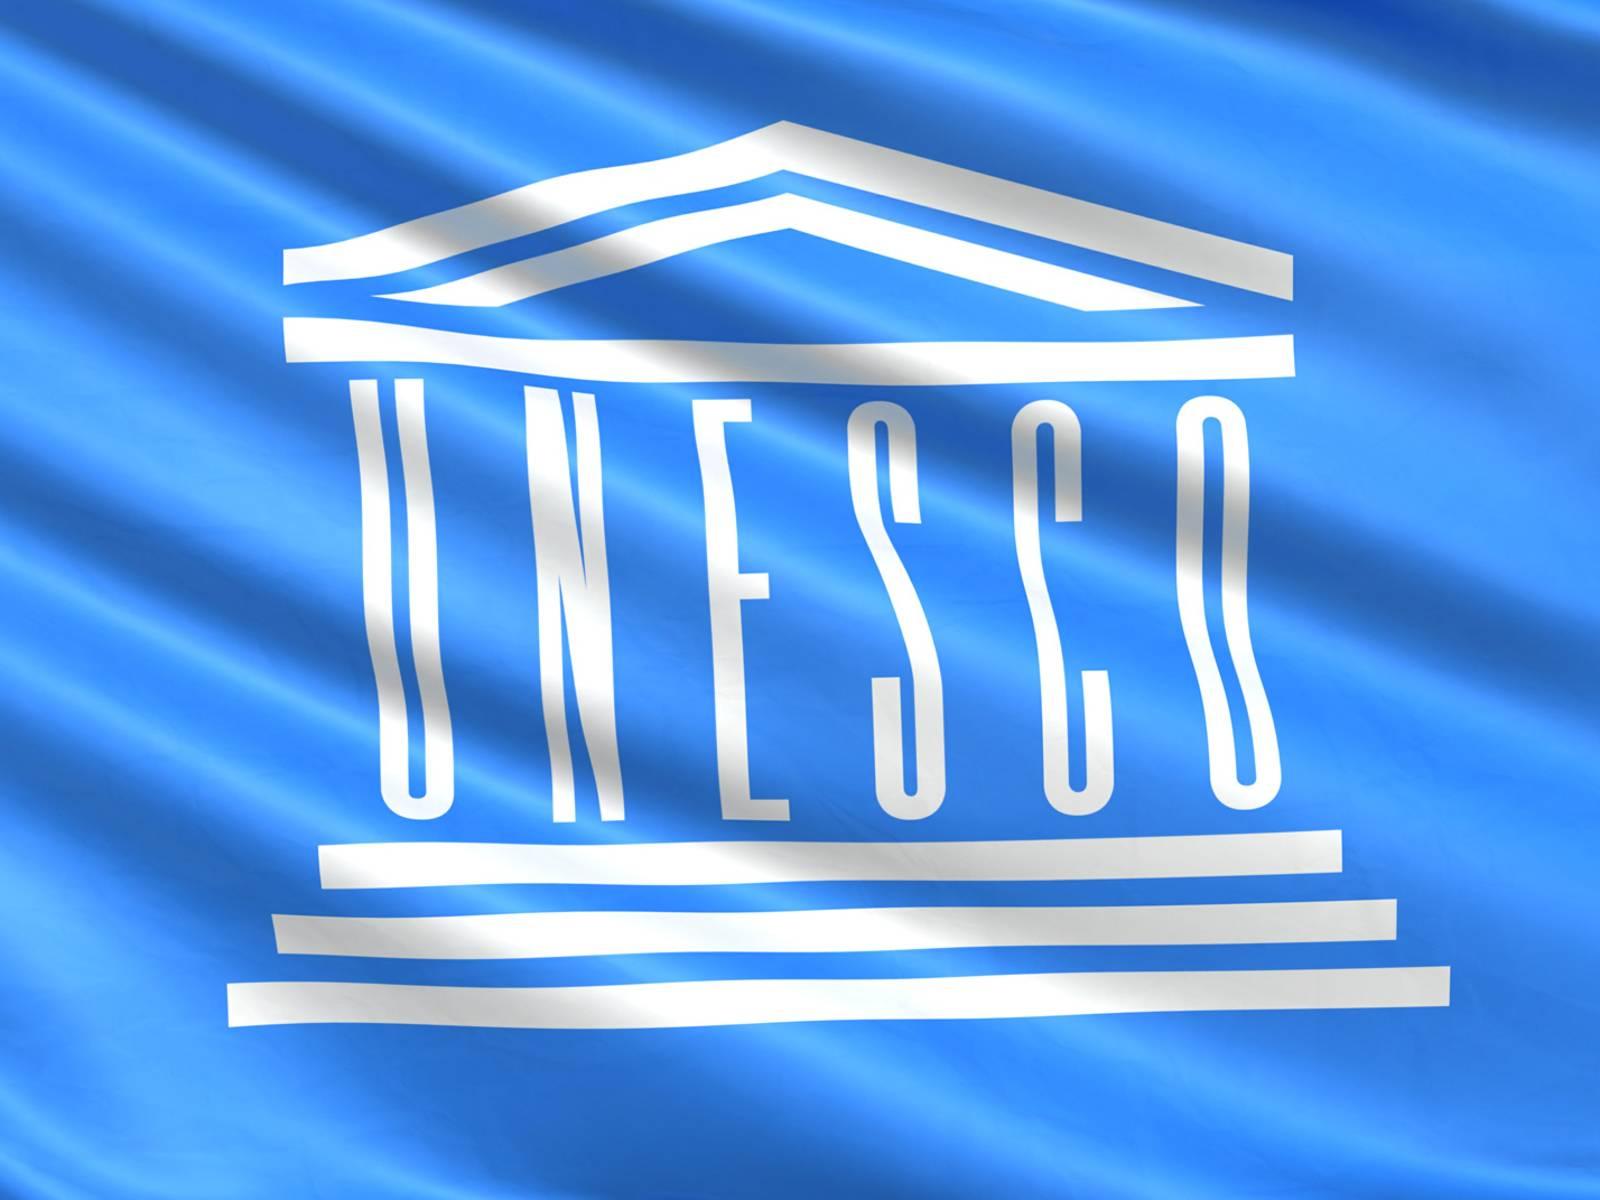 Die UNESCO ist die Organisation der Vereinten Nationen